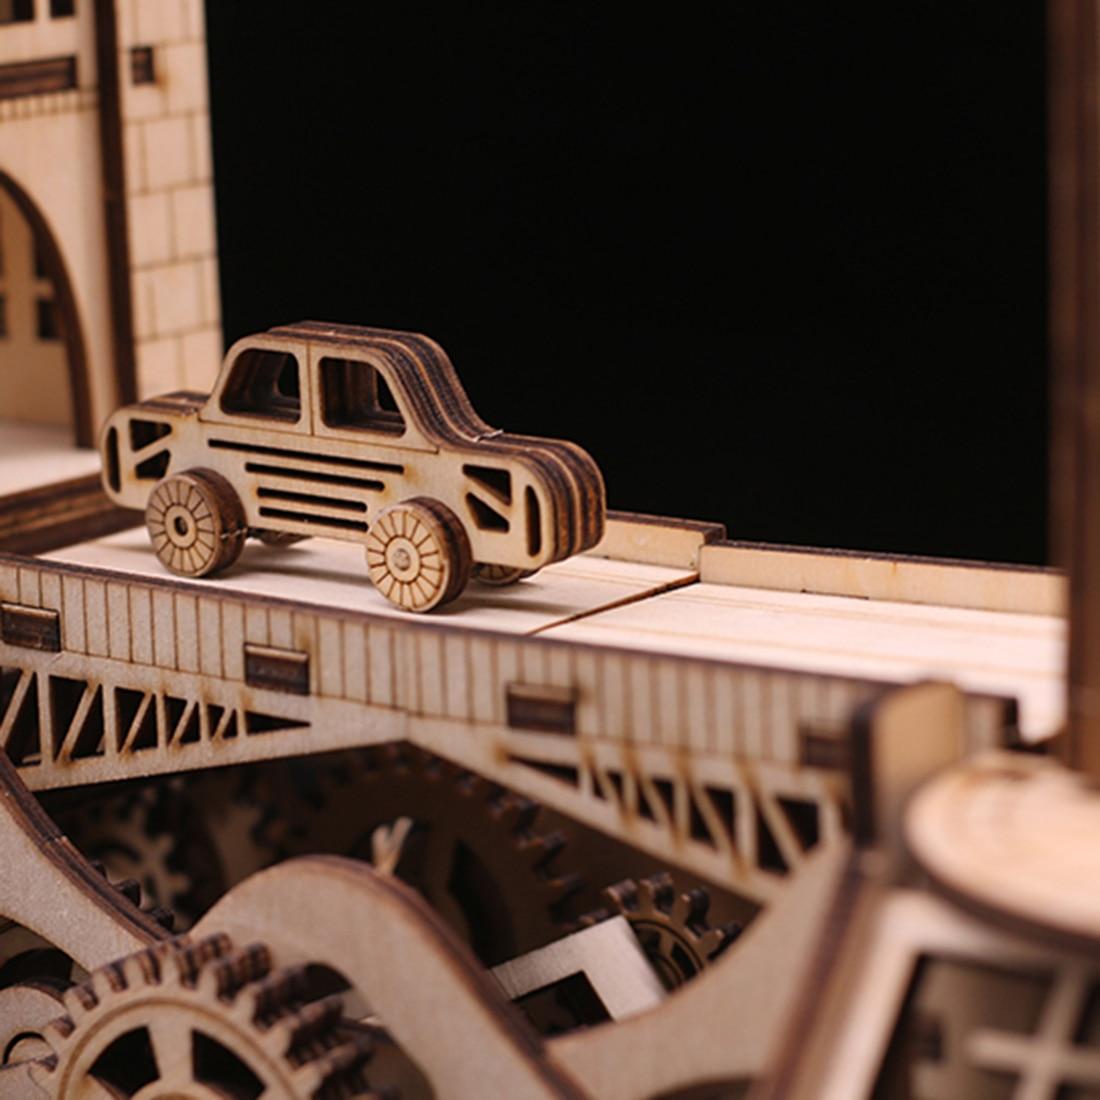 Двойной цилиндр Стирлинг Модель двигателя наборы физика научный эксперимент DIY Модели Строительные наборы игрушки для детей - 6